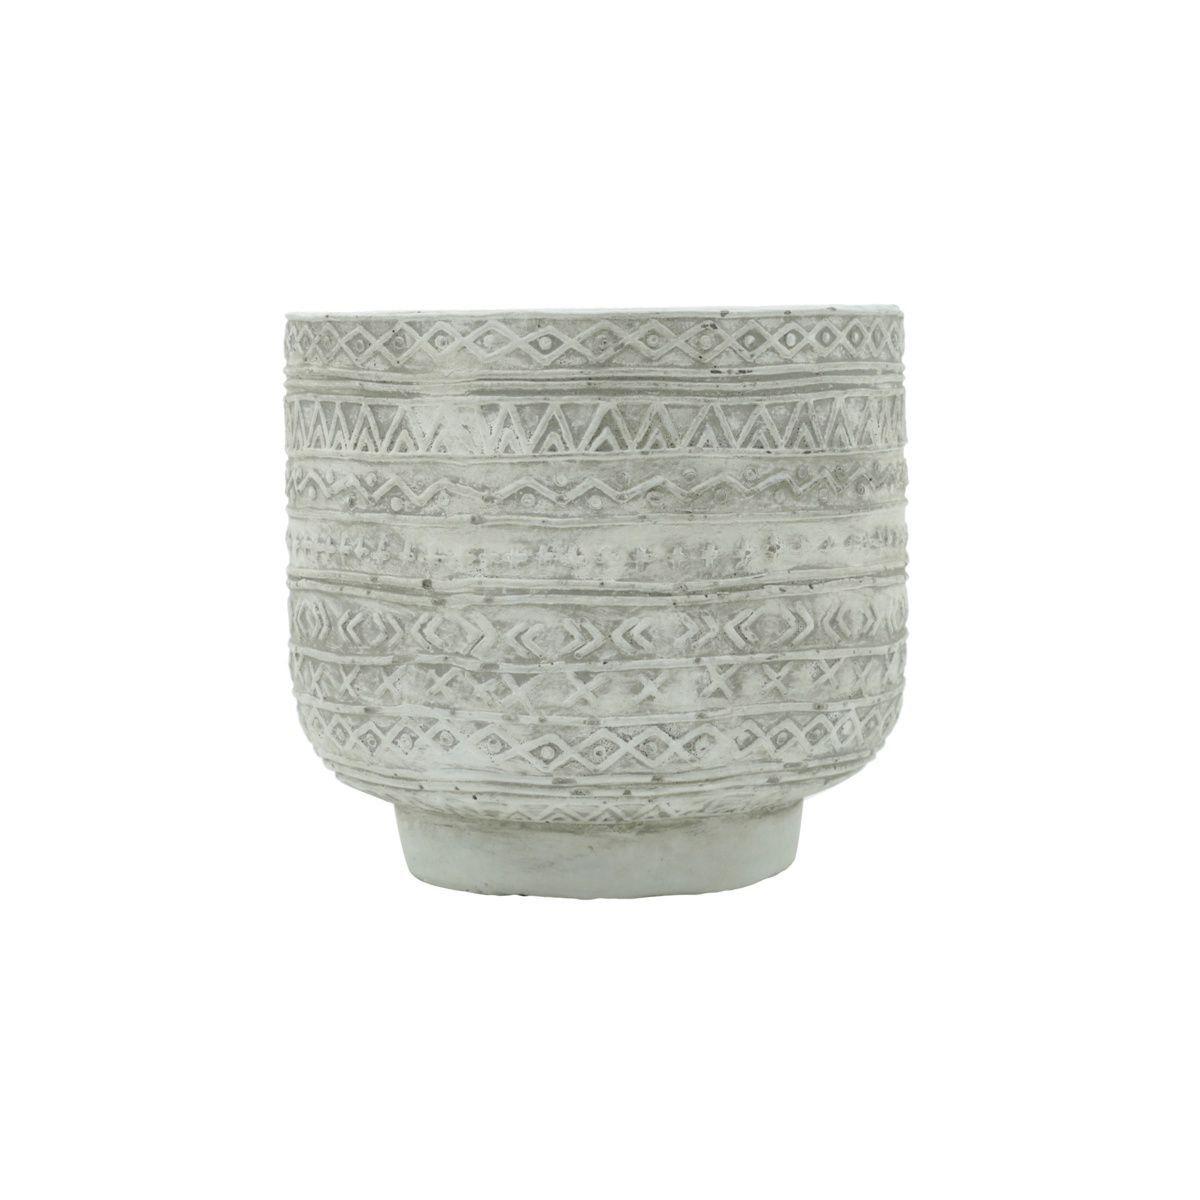 Vaso de Concreto Linhas e Formas com Pé Branco 10cm x 11cm - 42130